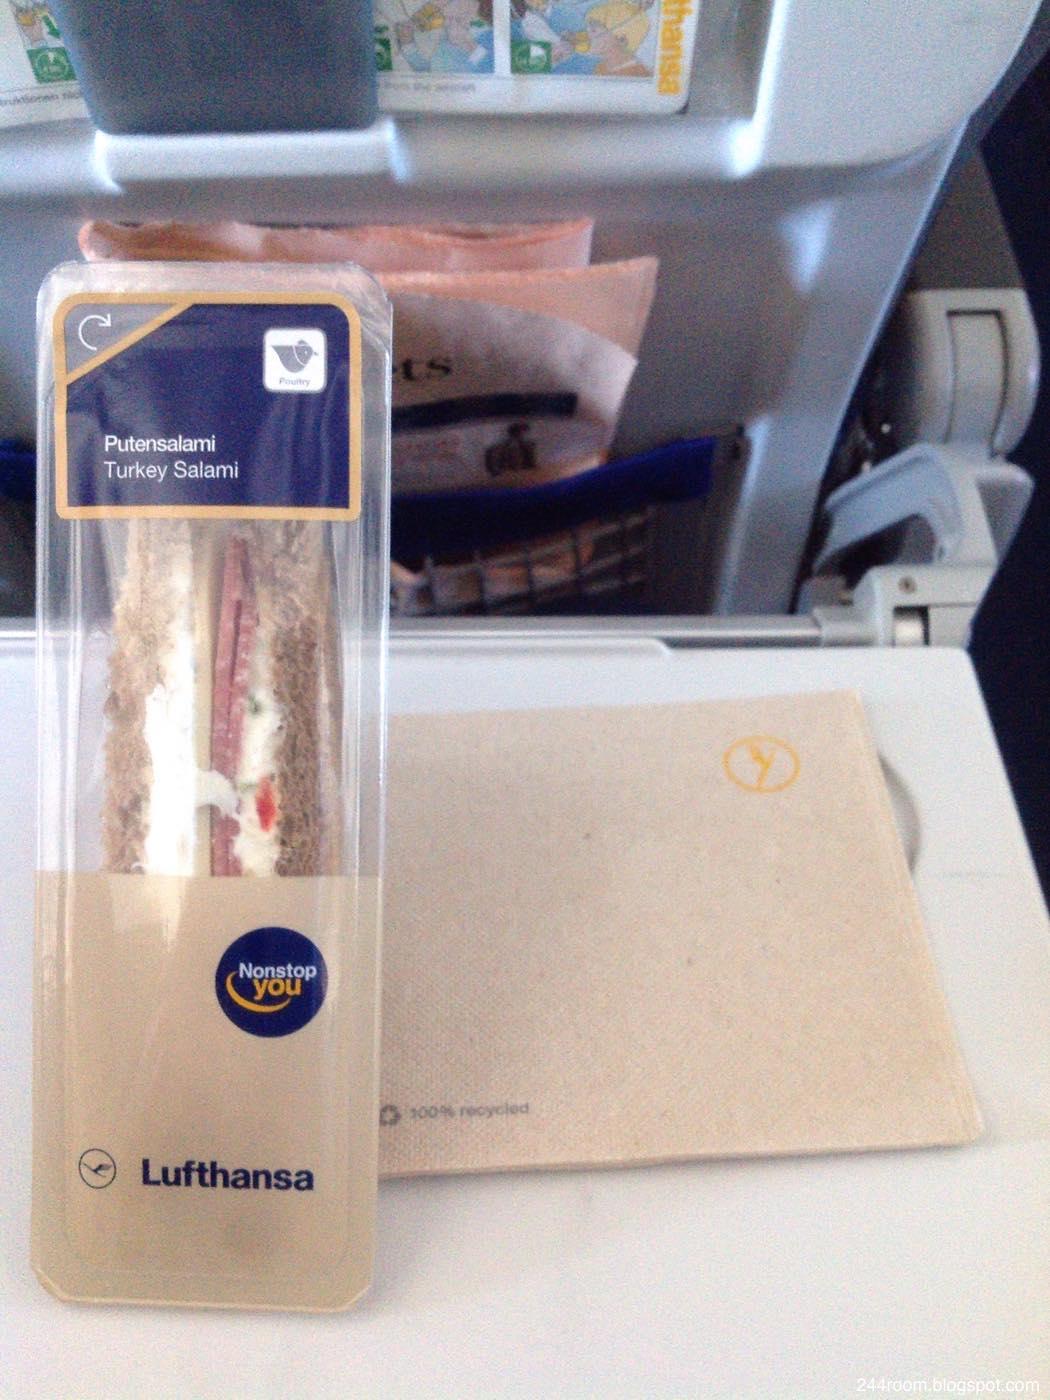 ルフトハンザエコノミークラス機内食 LH economy class flight meal